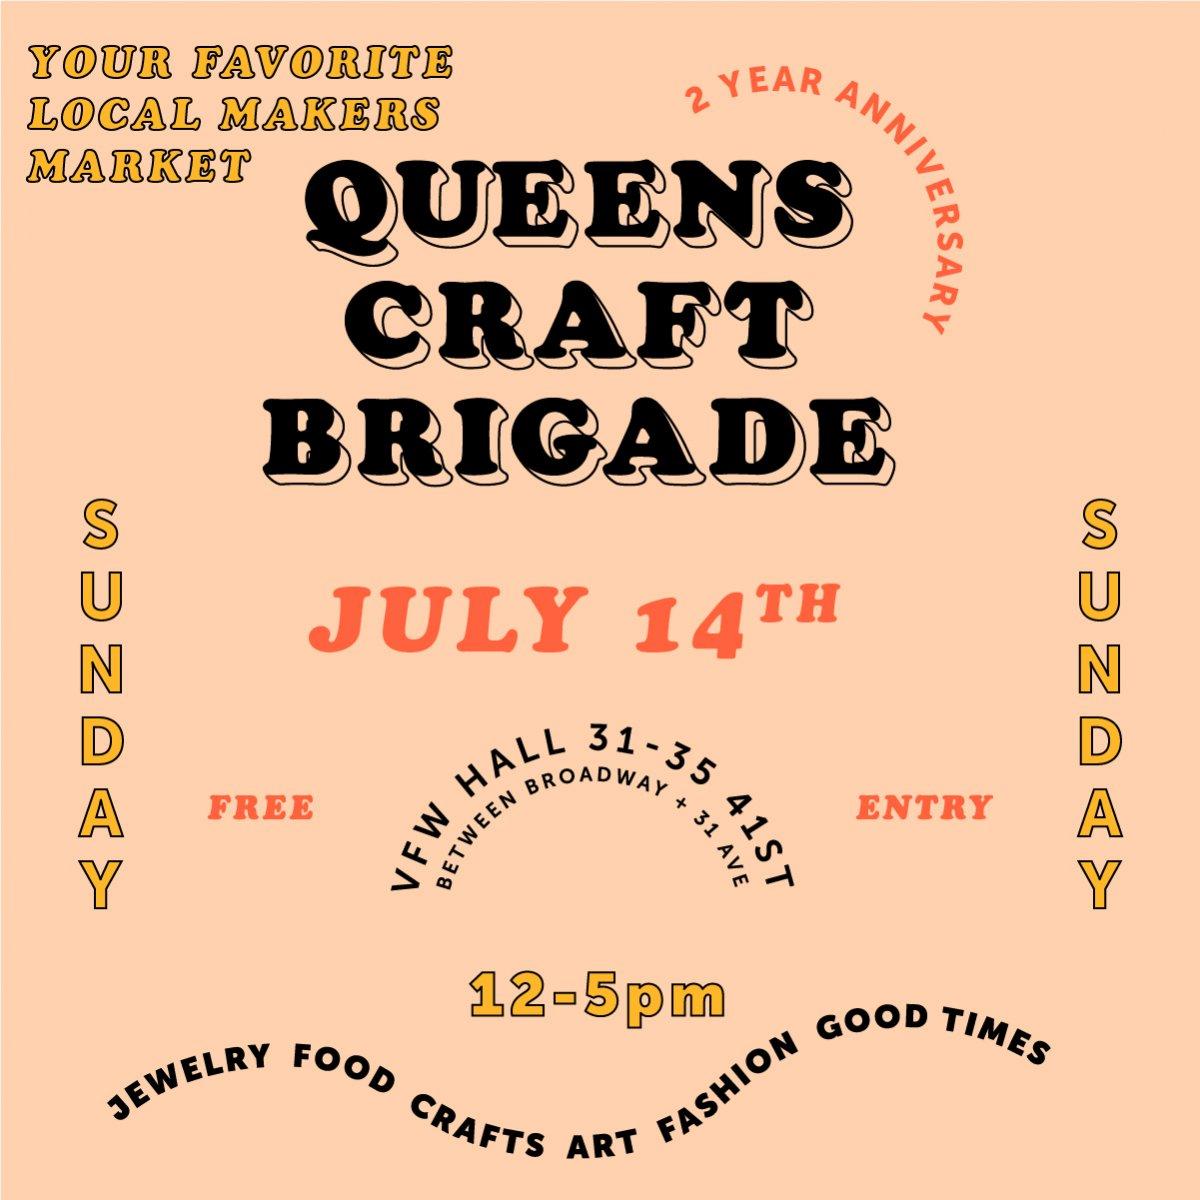 Image via Queens Craft Brigade